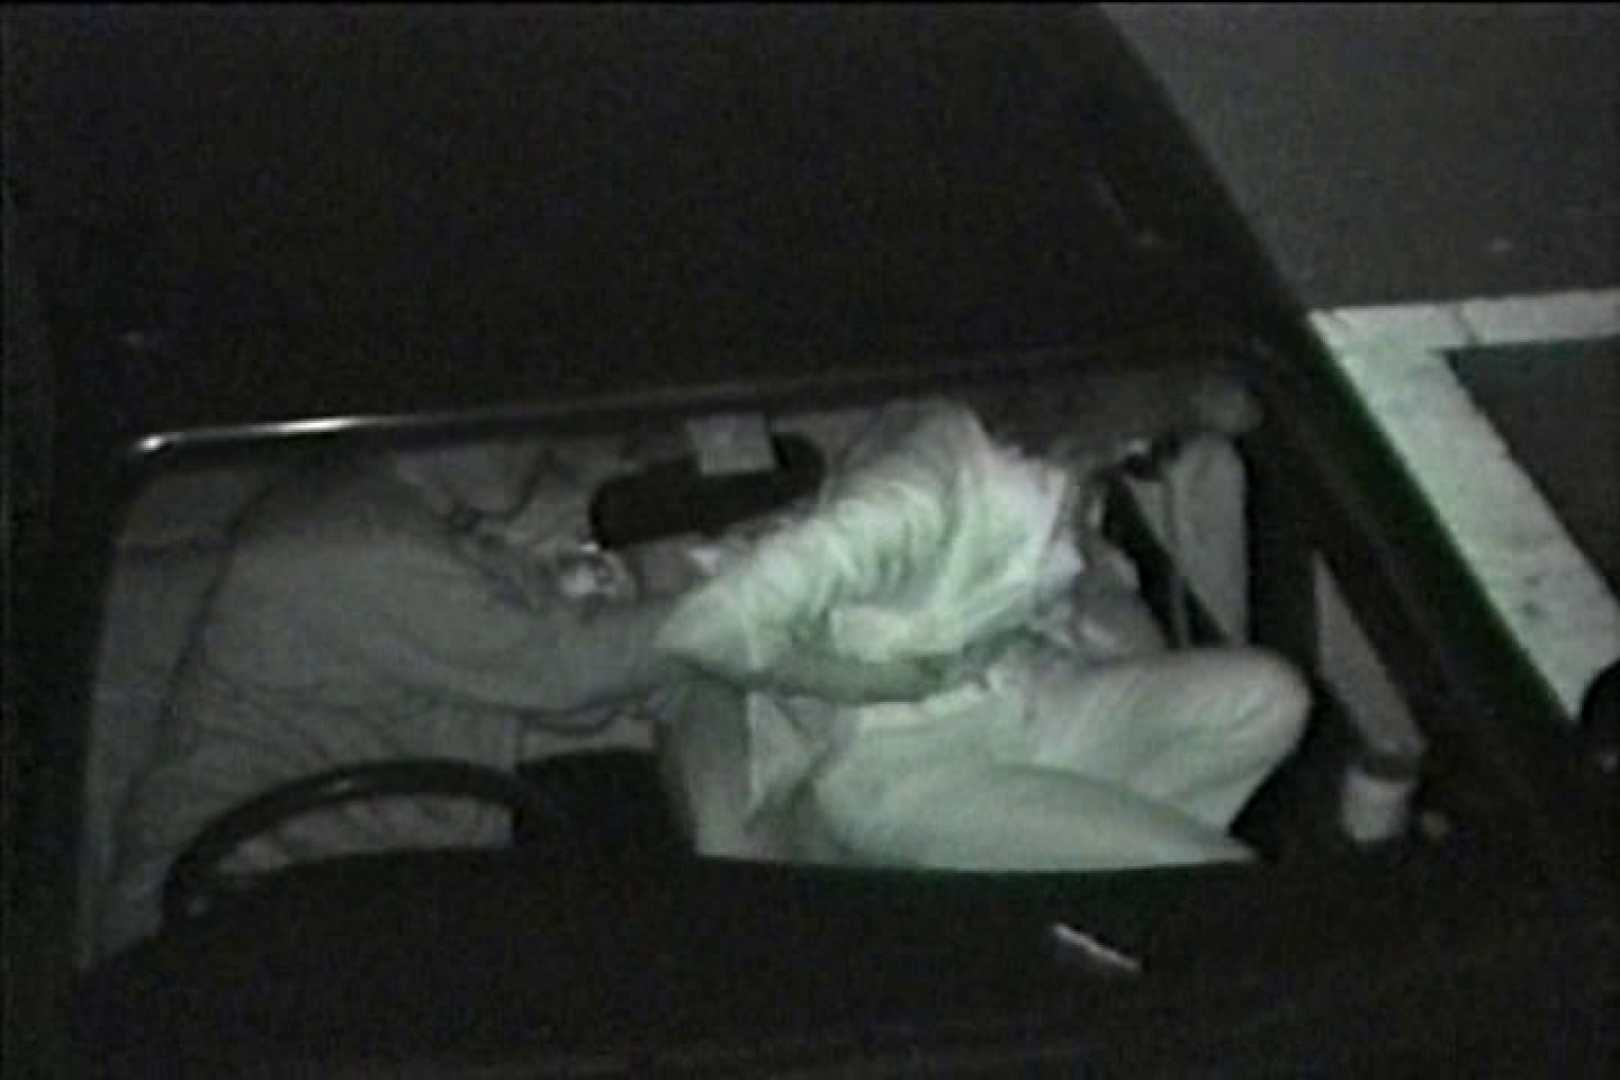 車の中はラブホテル 無修正版  Vol.7 車の中のカップル セックス無修正動画無料 59画像 44